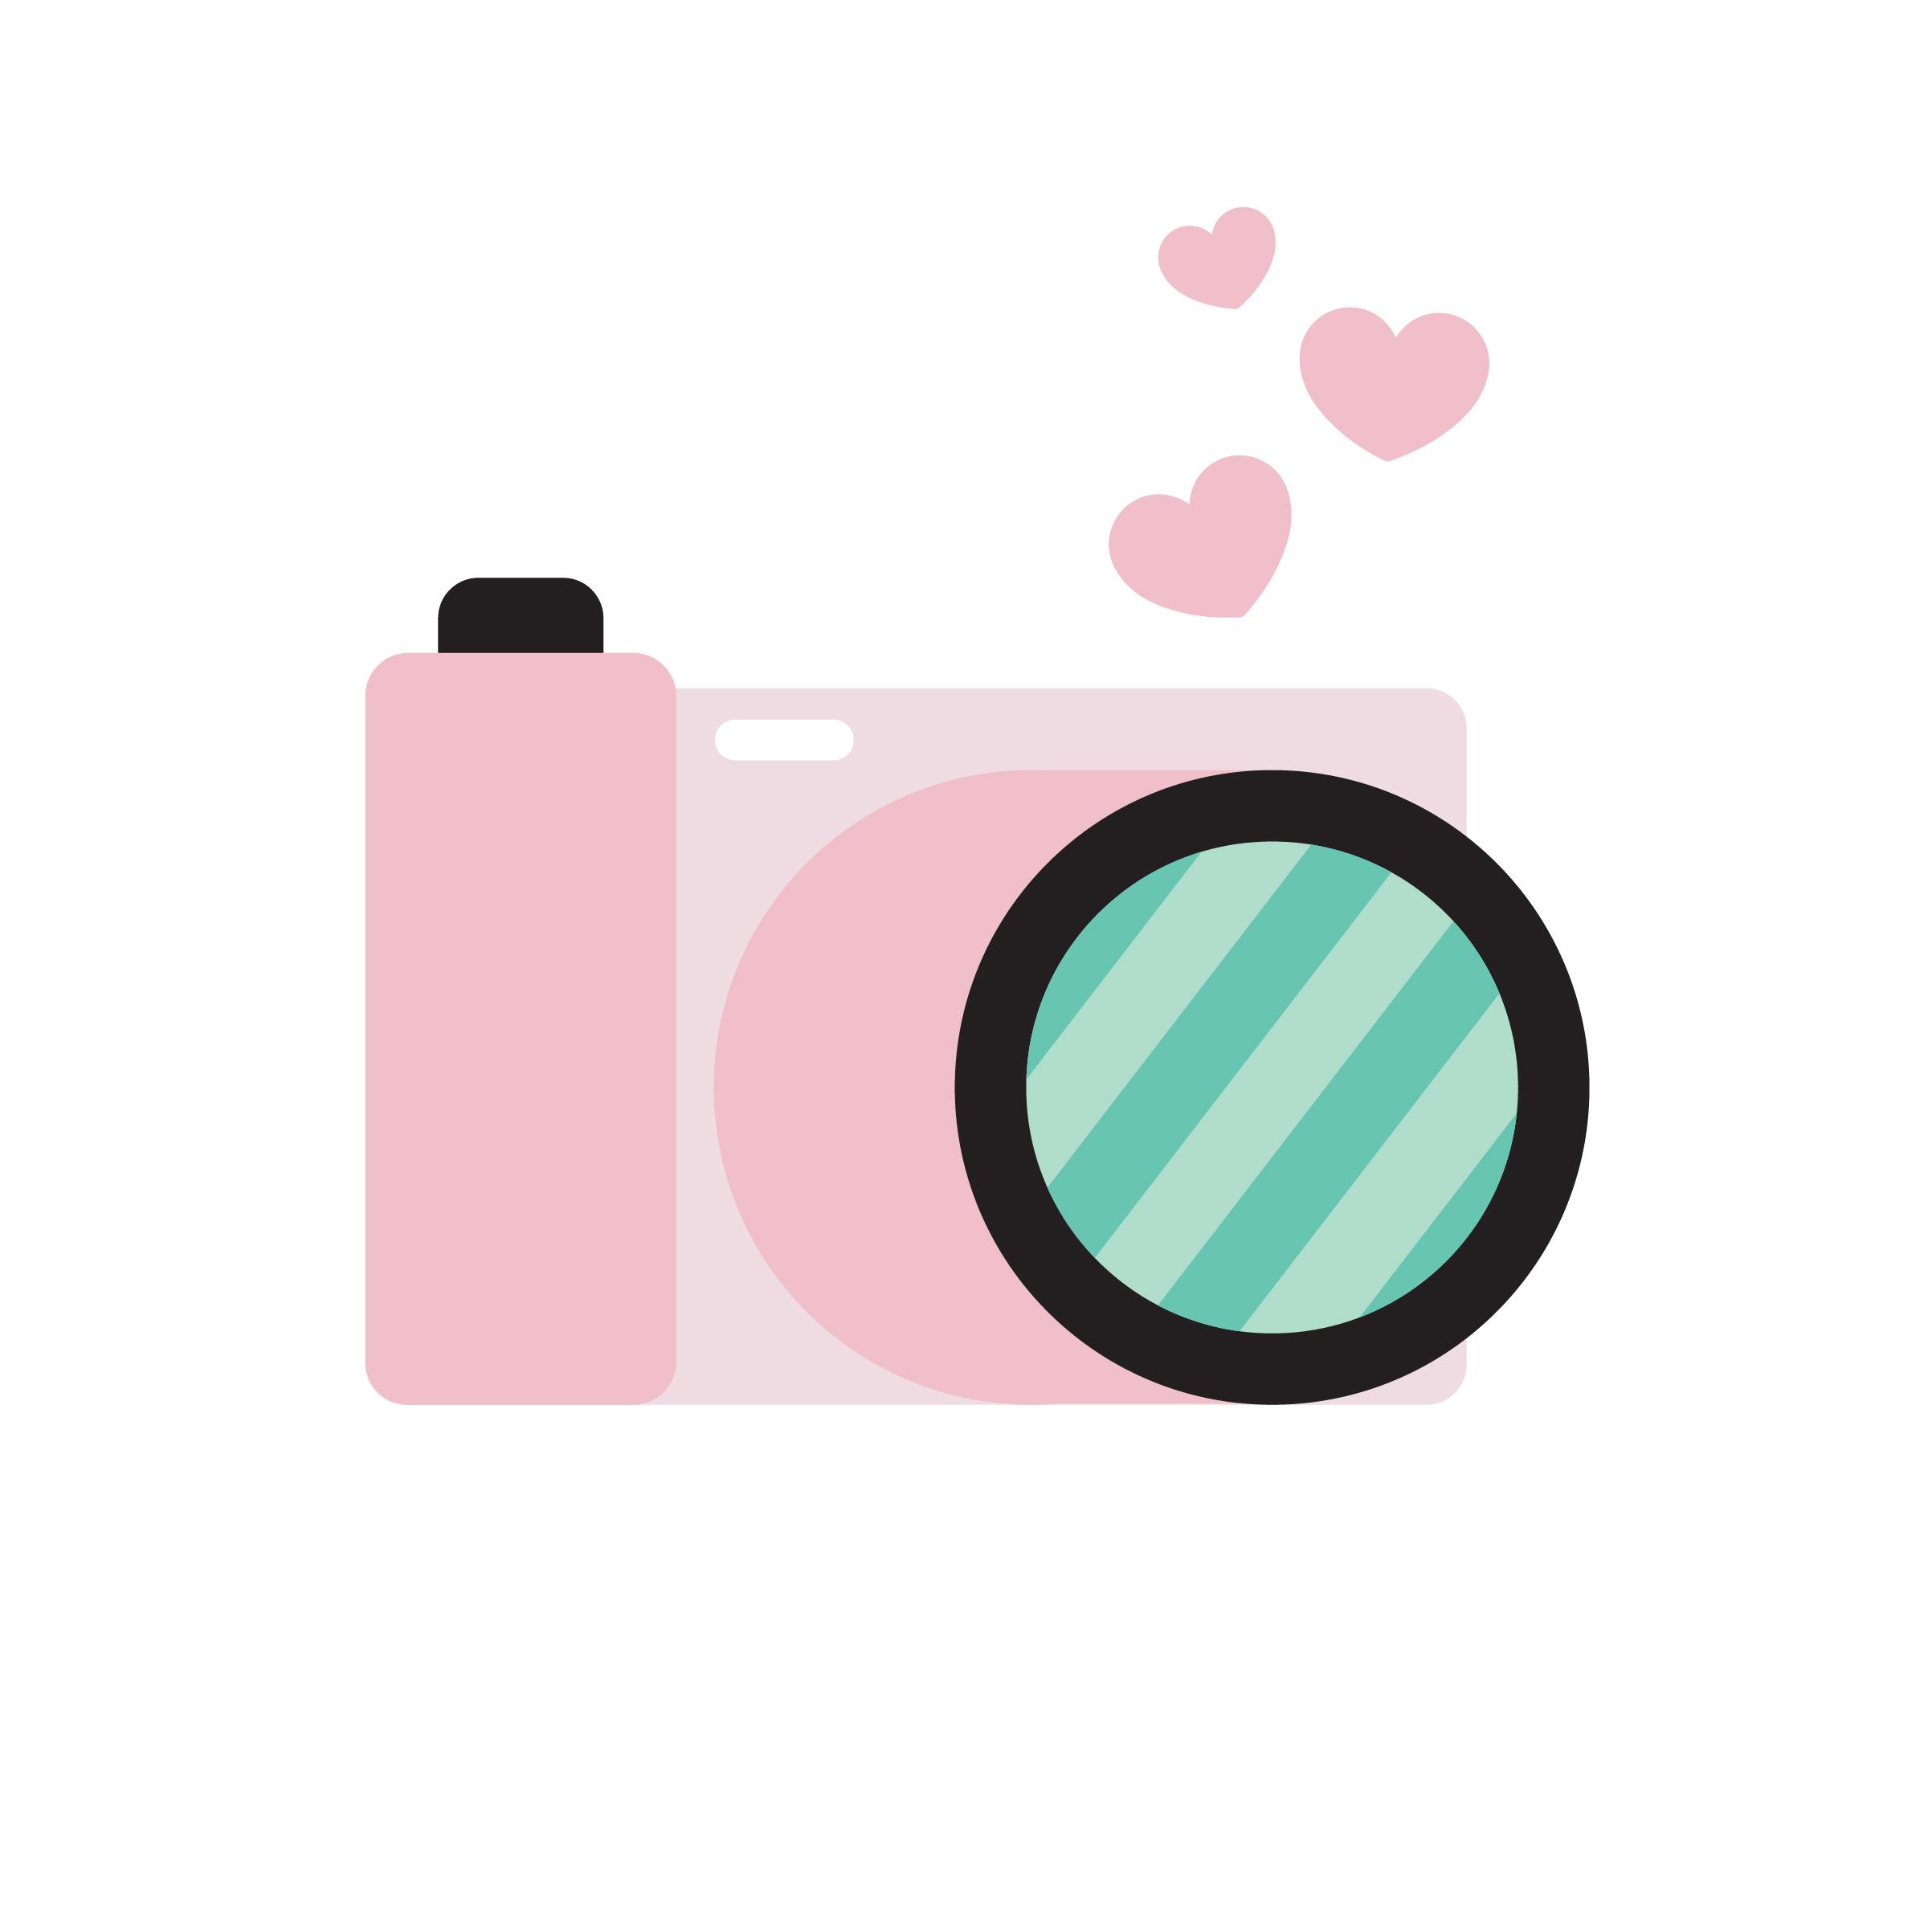 widget_illustrations-01.jpg